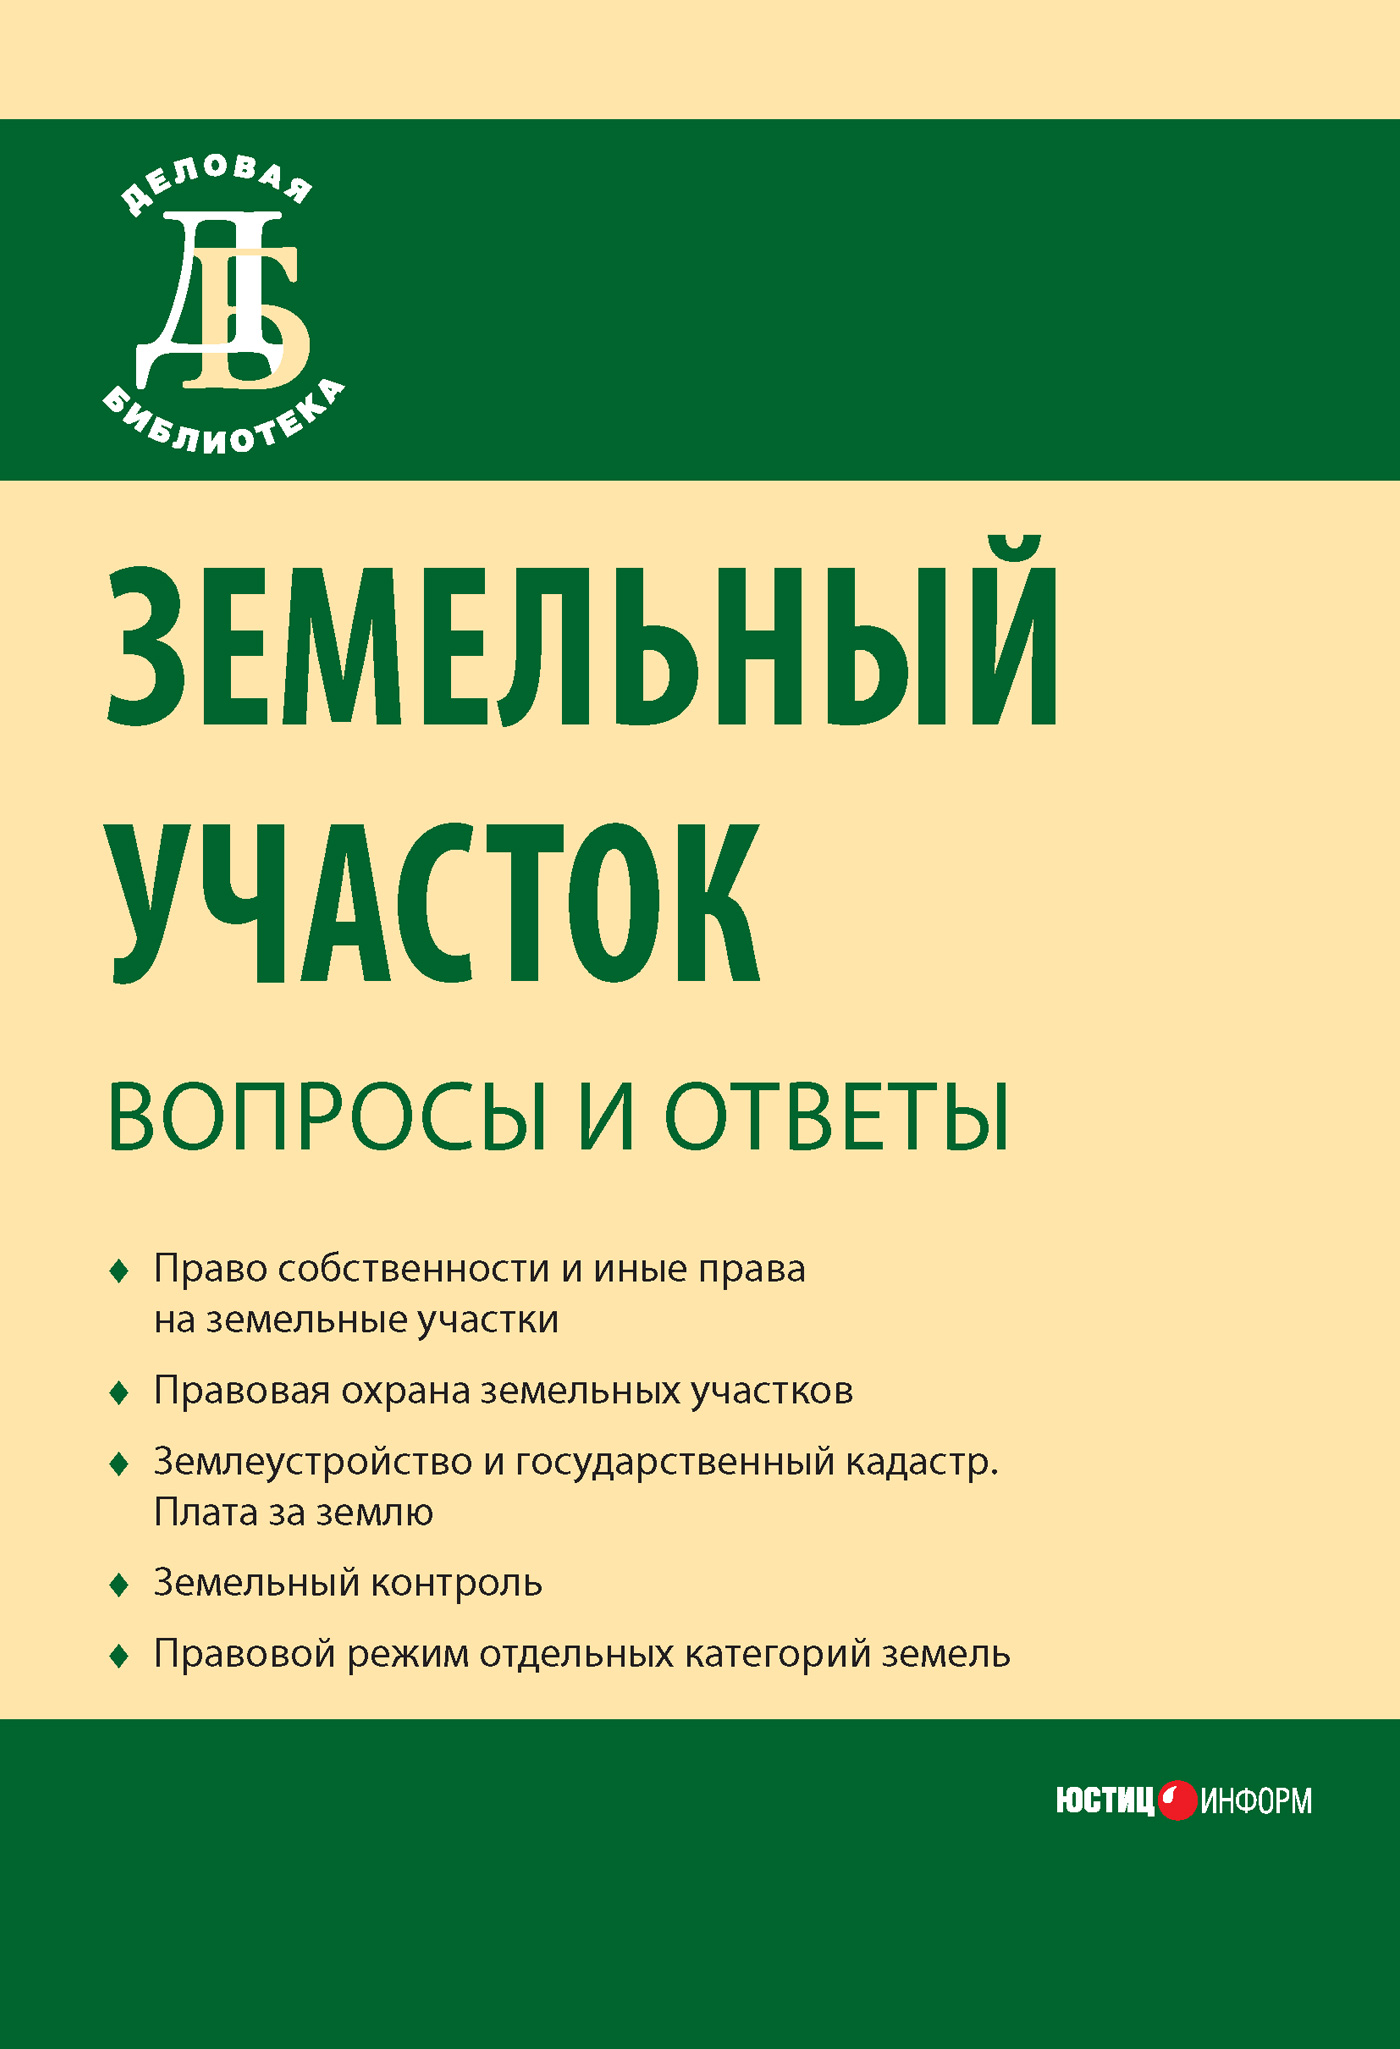 Сергей Александроич Боголюбо Земельный участок: опросы и отеты